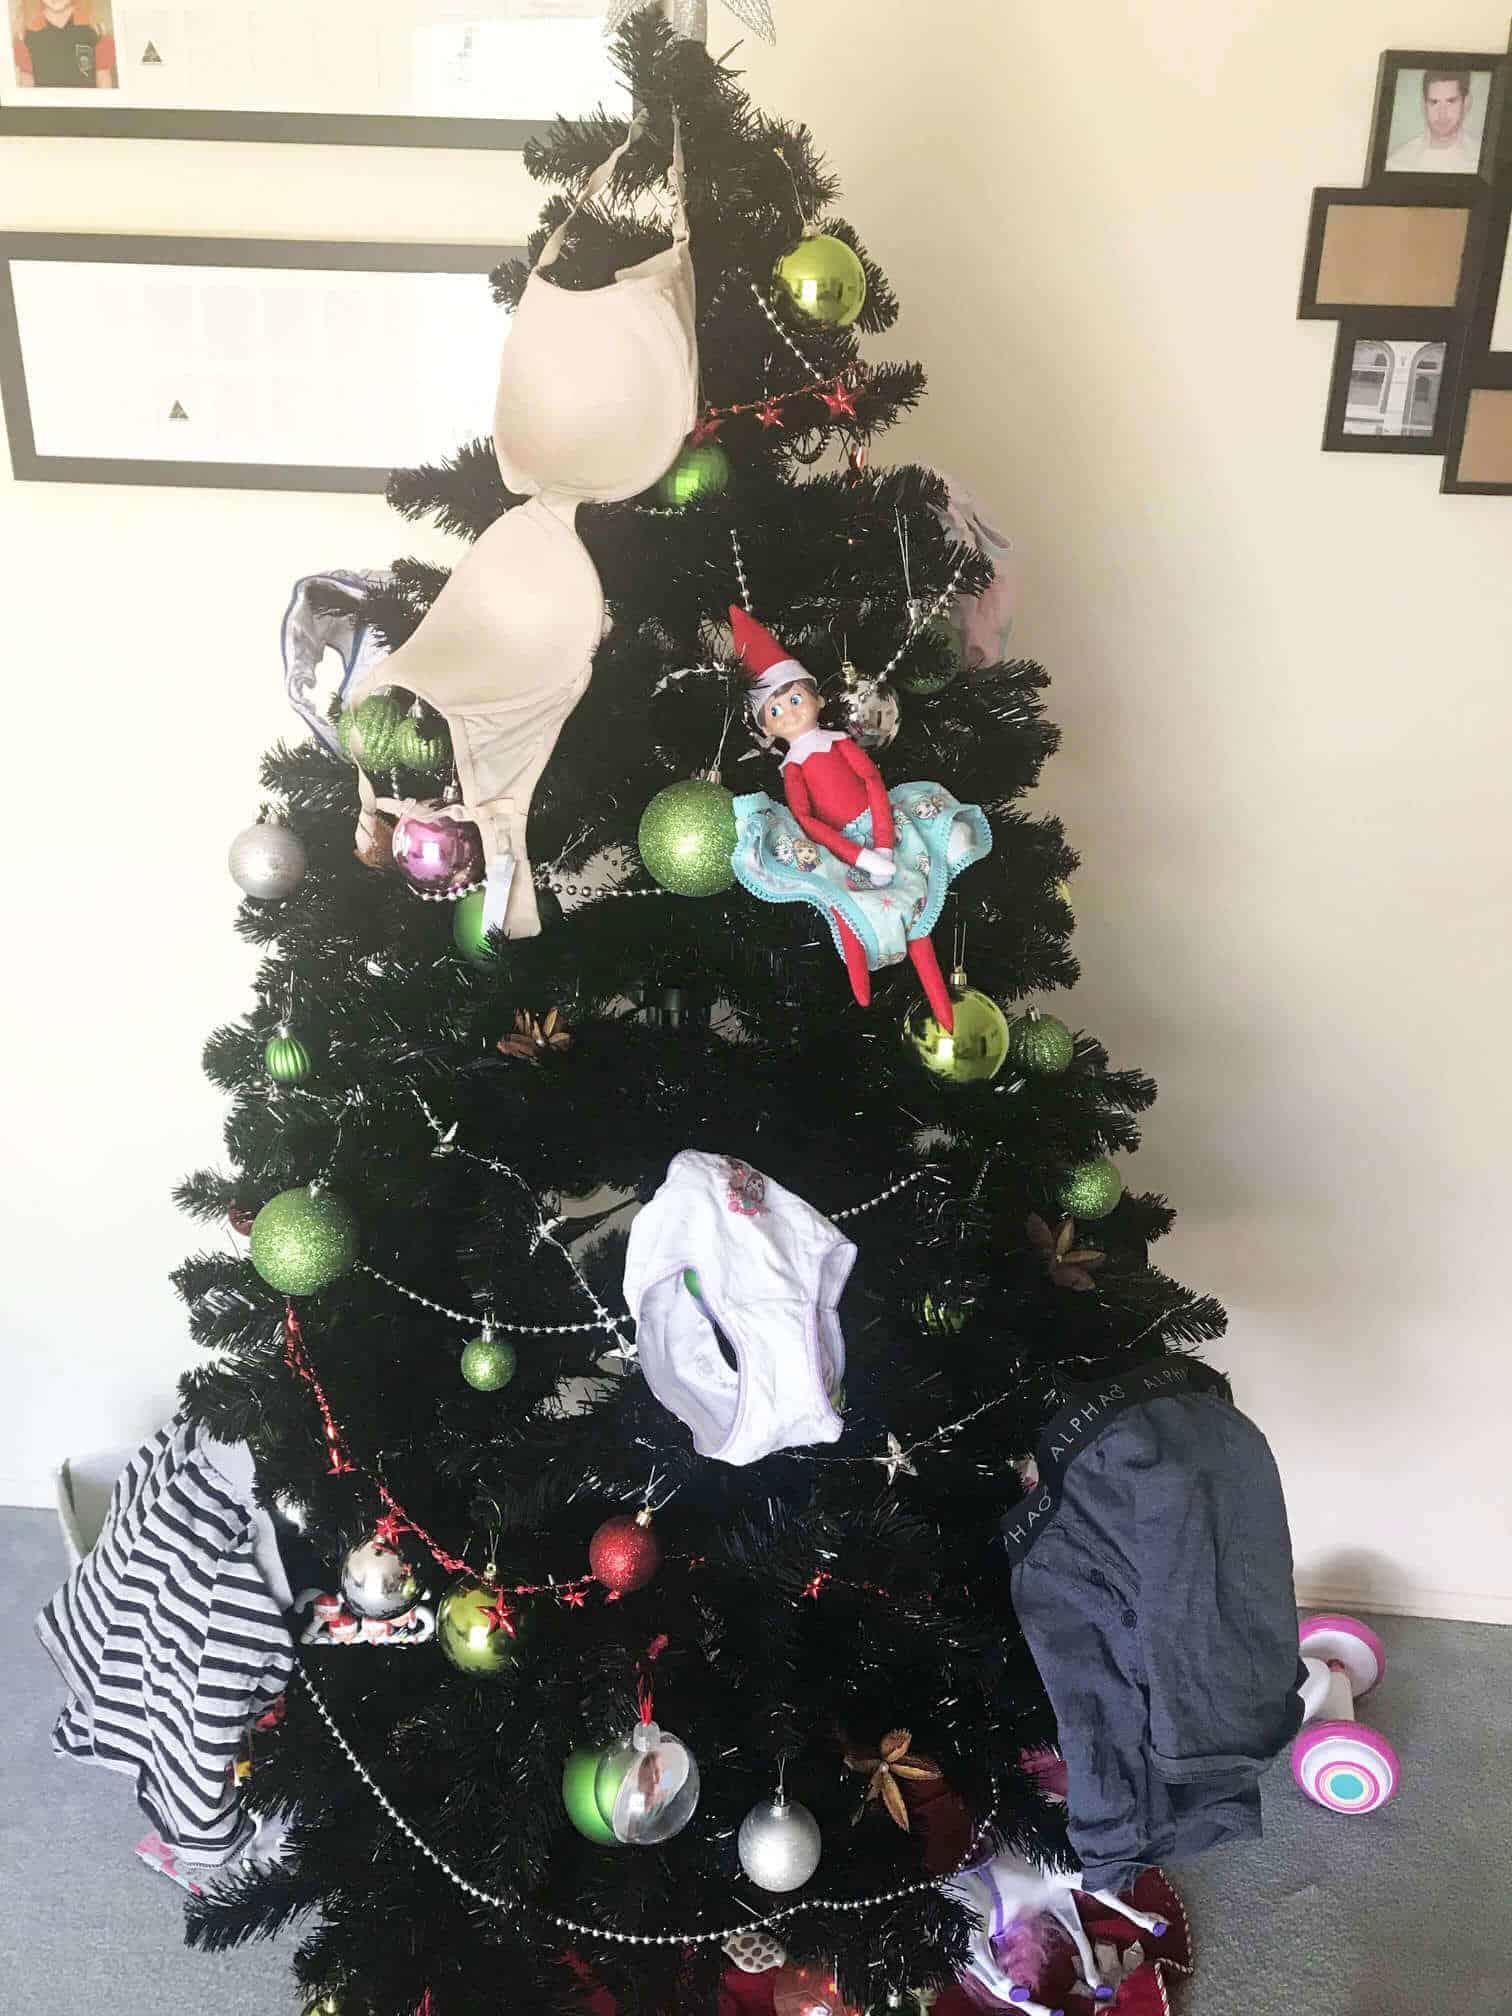 Elf stolen underpants on tree